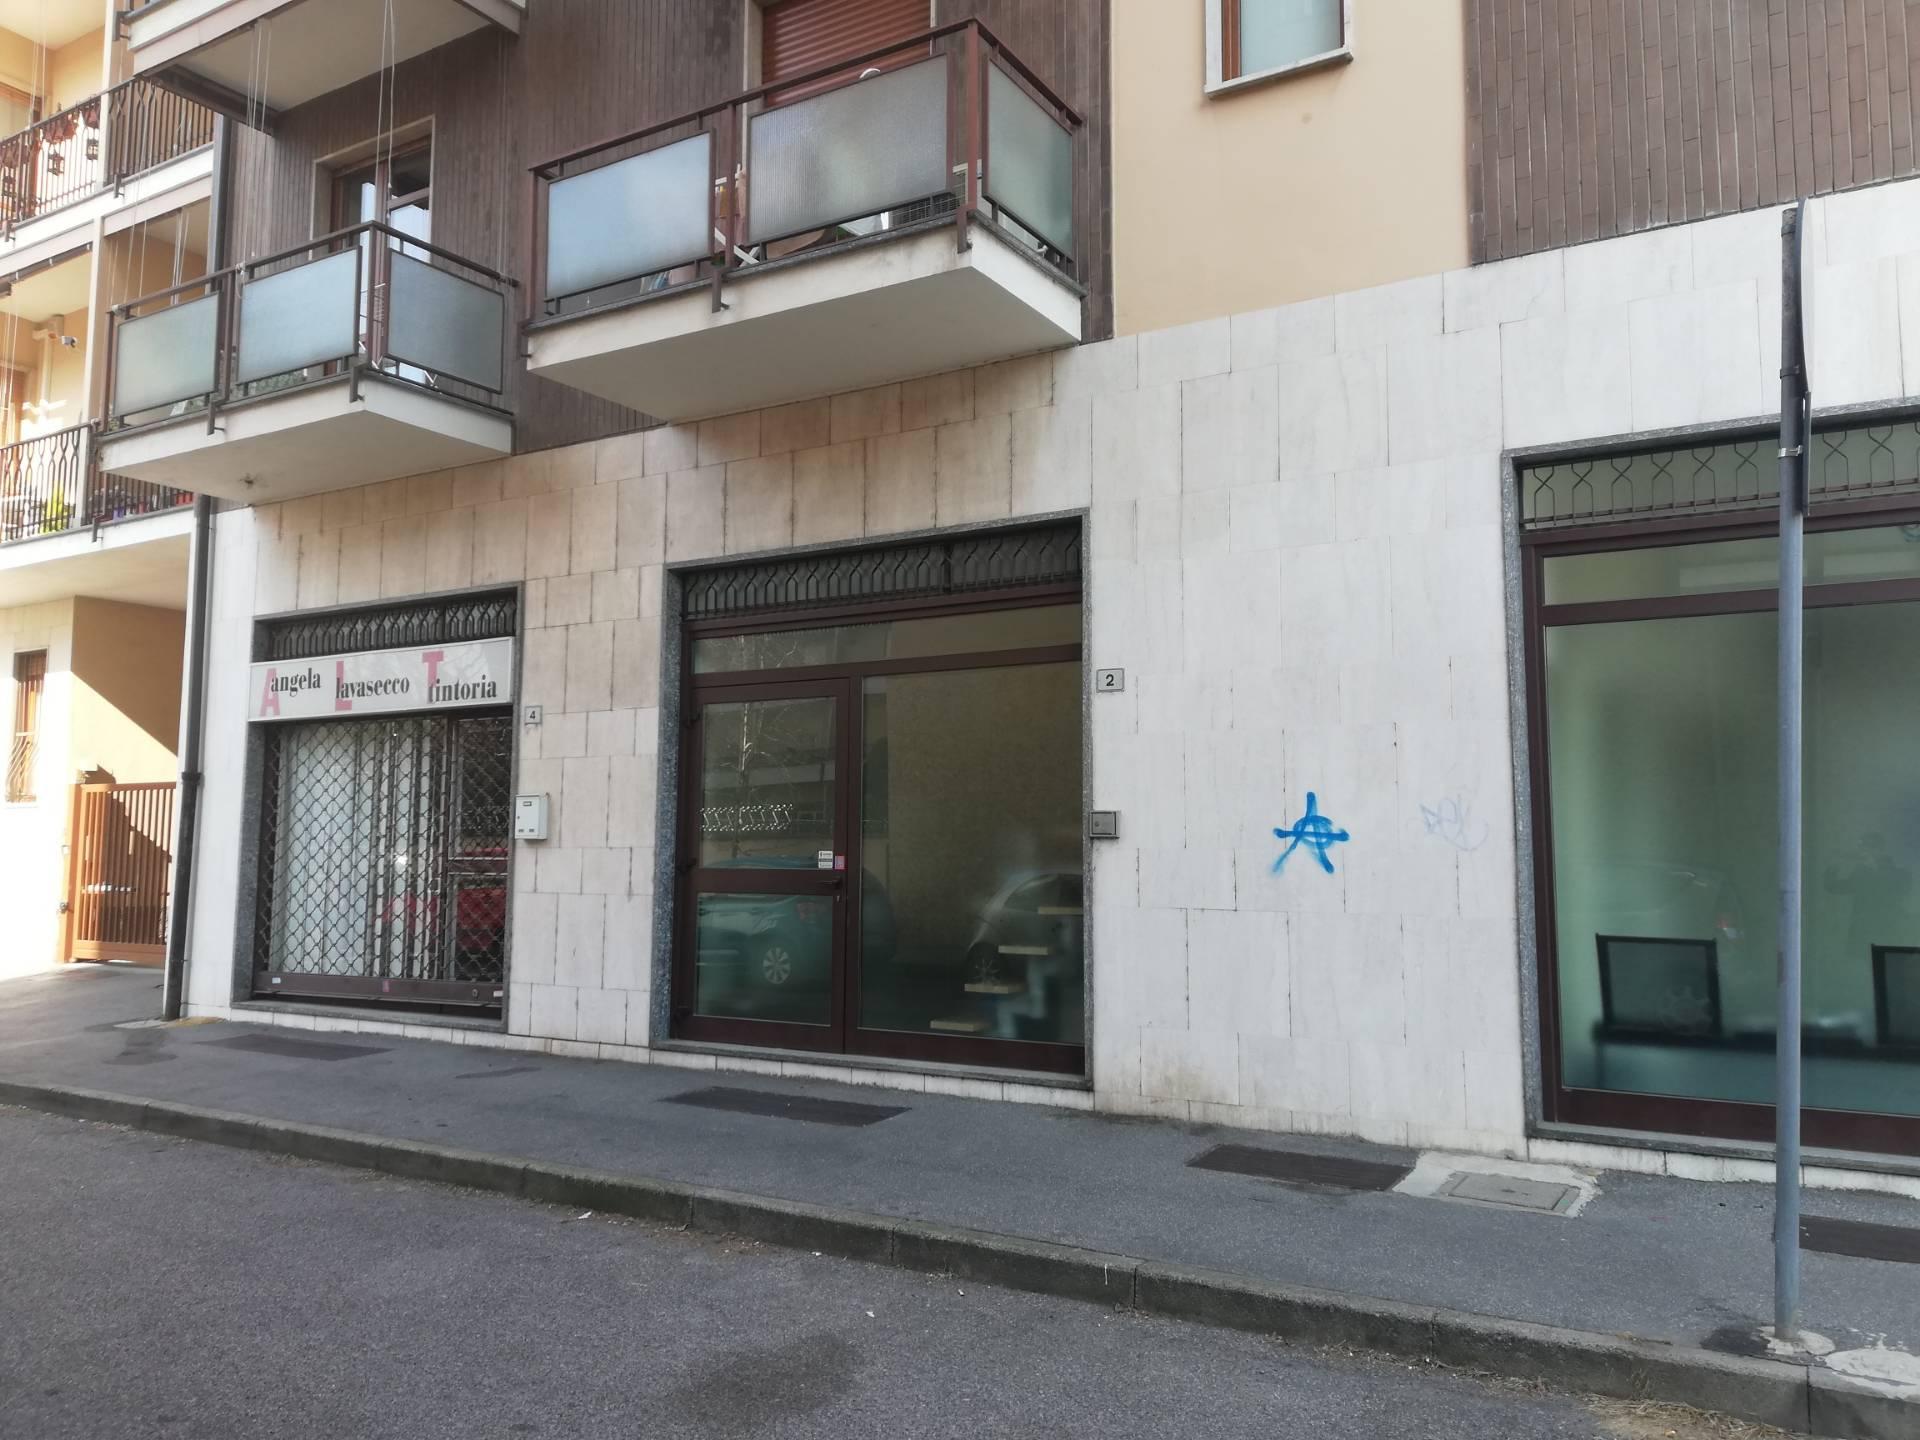 Ufficio / Studio in vendita a Magenta, 9999 locali, prezzo € 59.000 | PortaleAgenzieImmobiliari.it